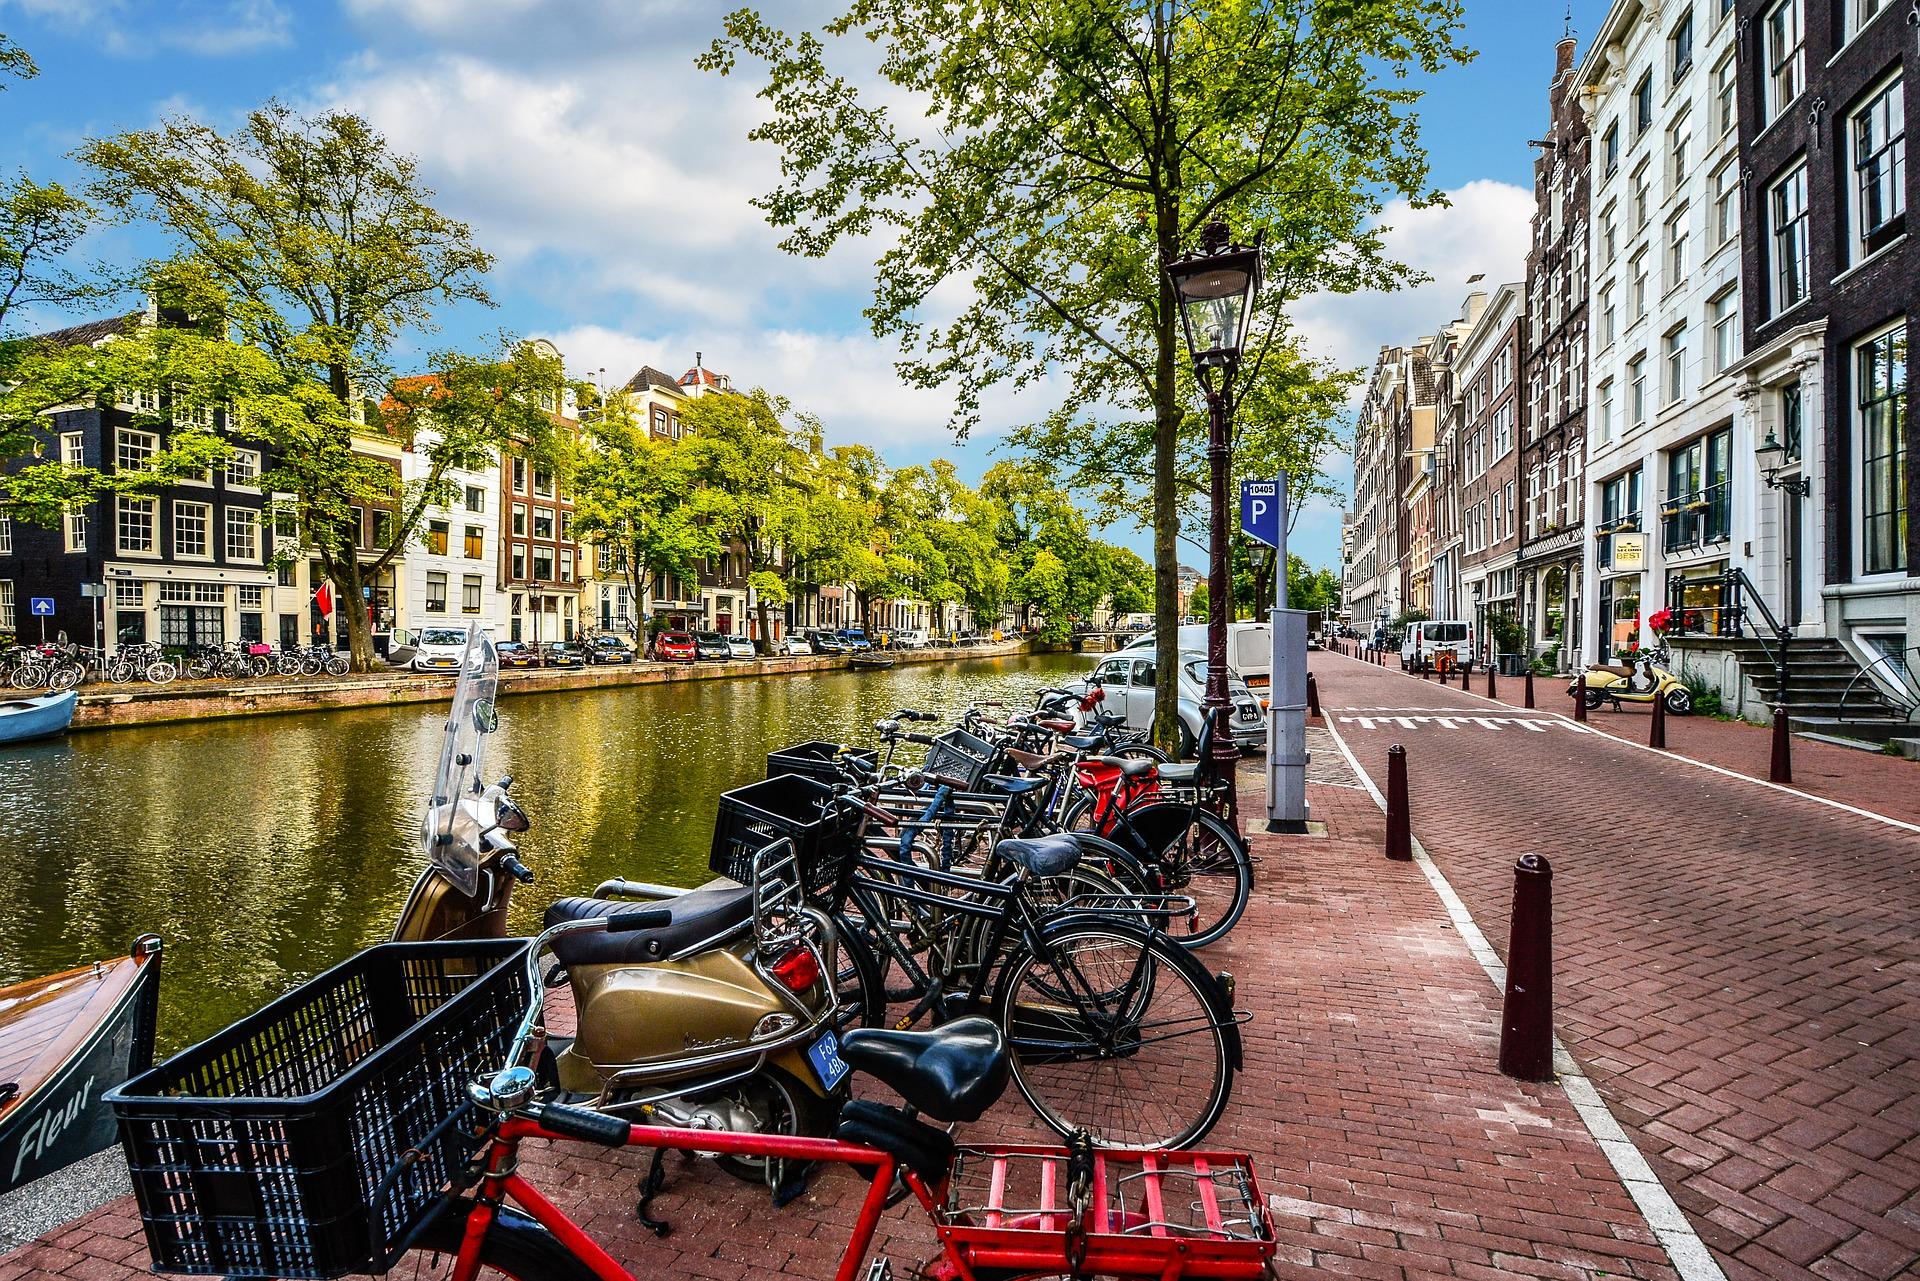 Bike_Amsterdam_CC0.jpg?1544788098